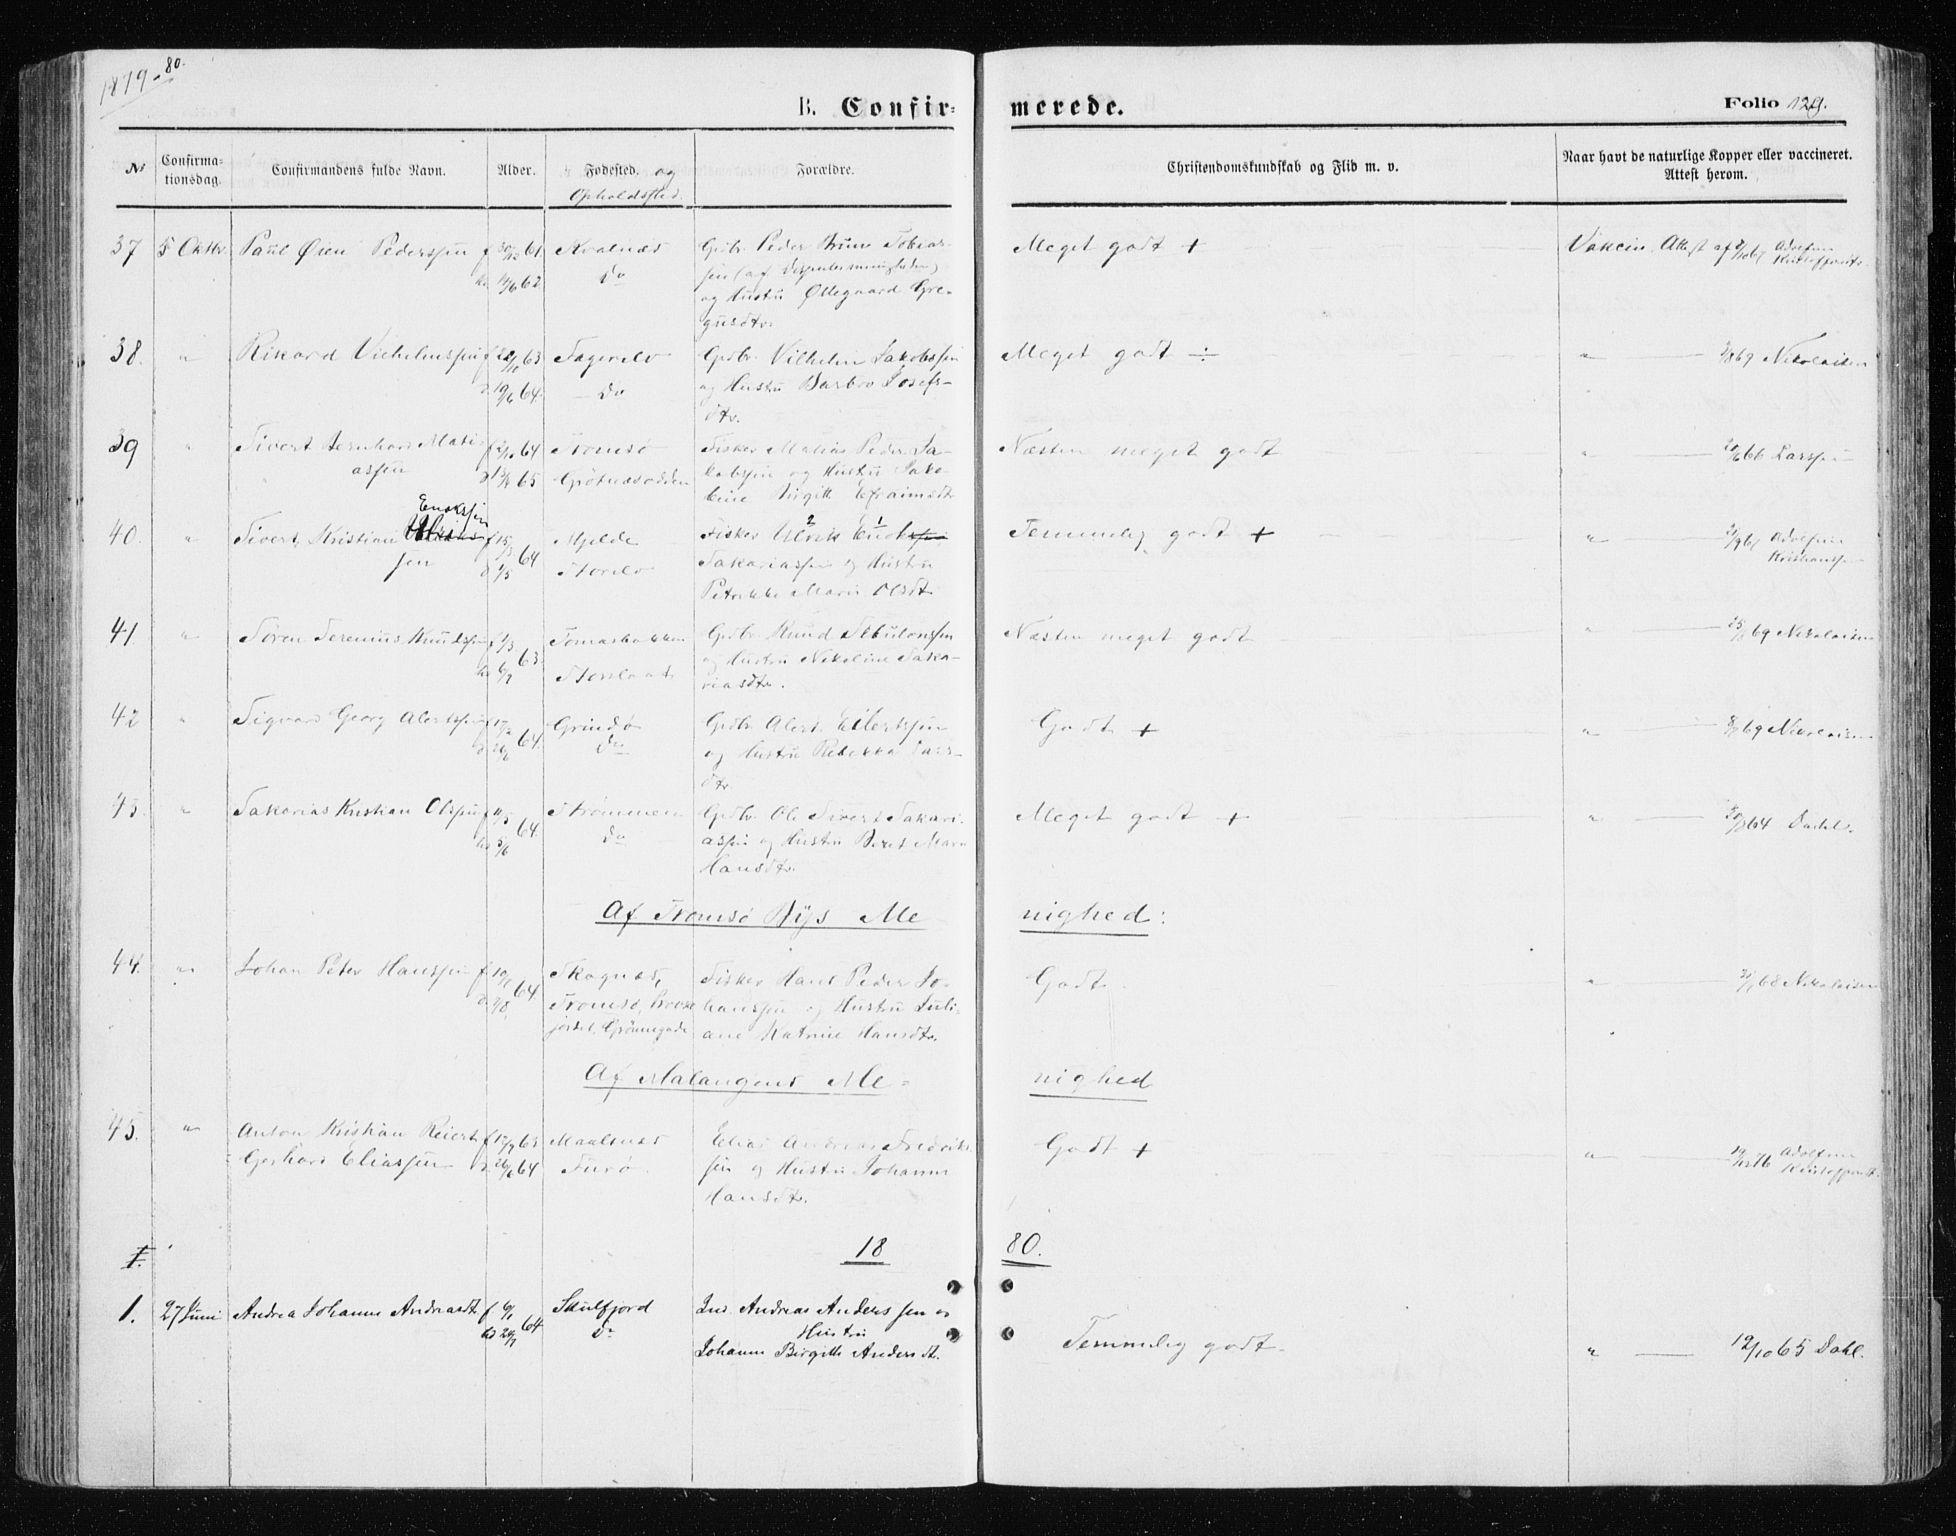 SATØ, Tromsøysund sokneprestkontor, G/Ga/L0003kirke: Ministerialbok nr. 3, 1875-1880, s. 129